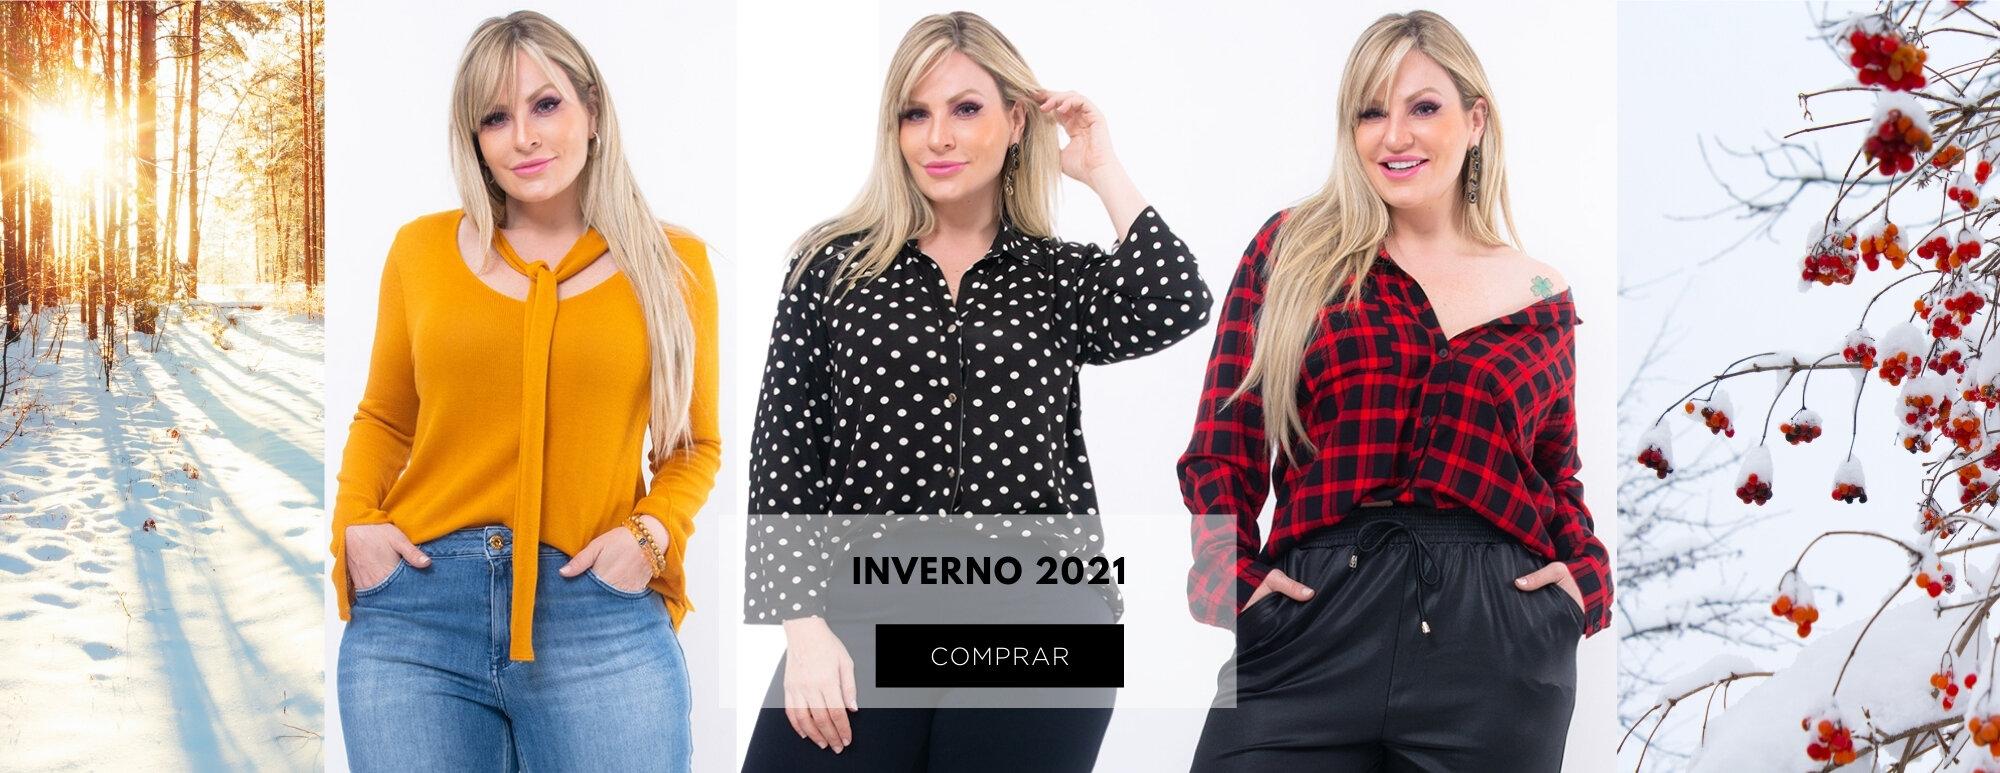 INVERNO 2021